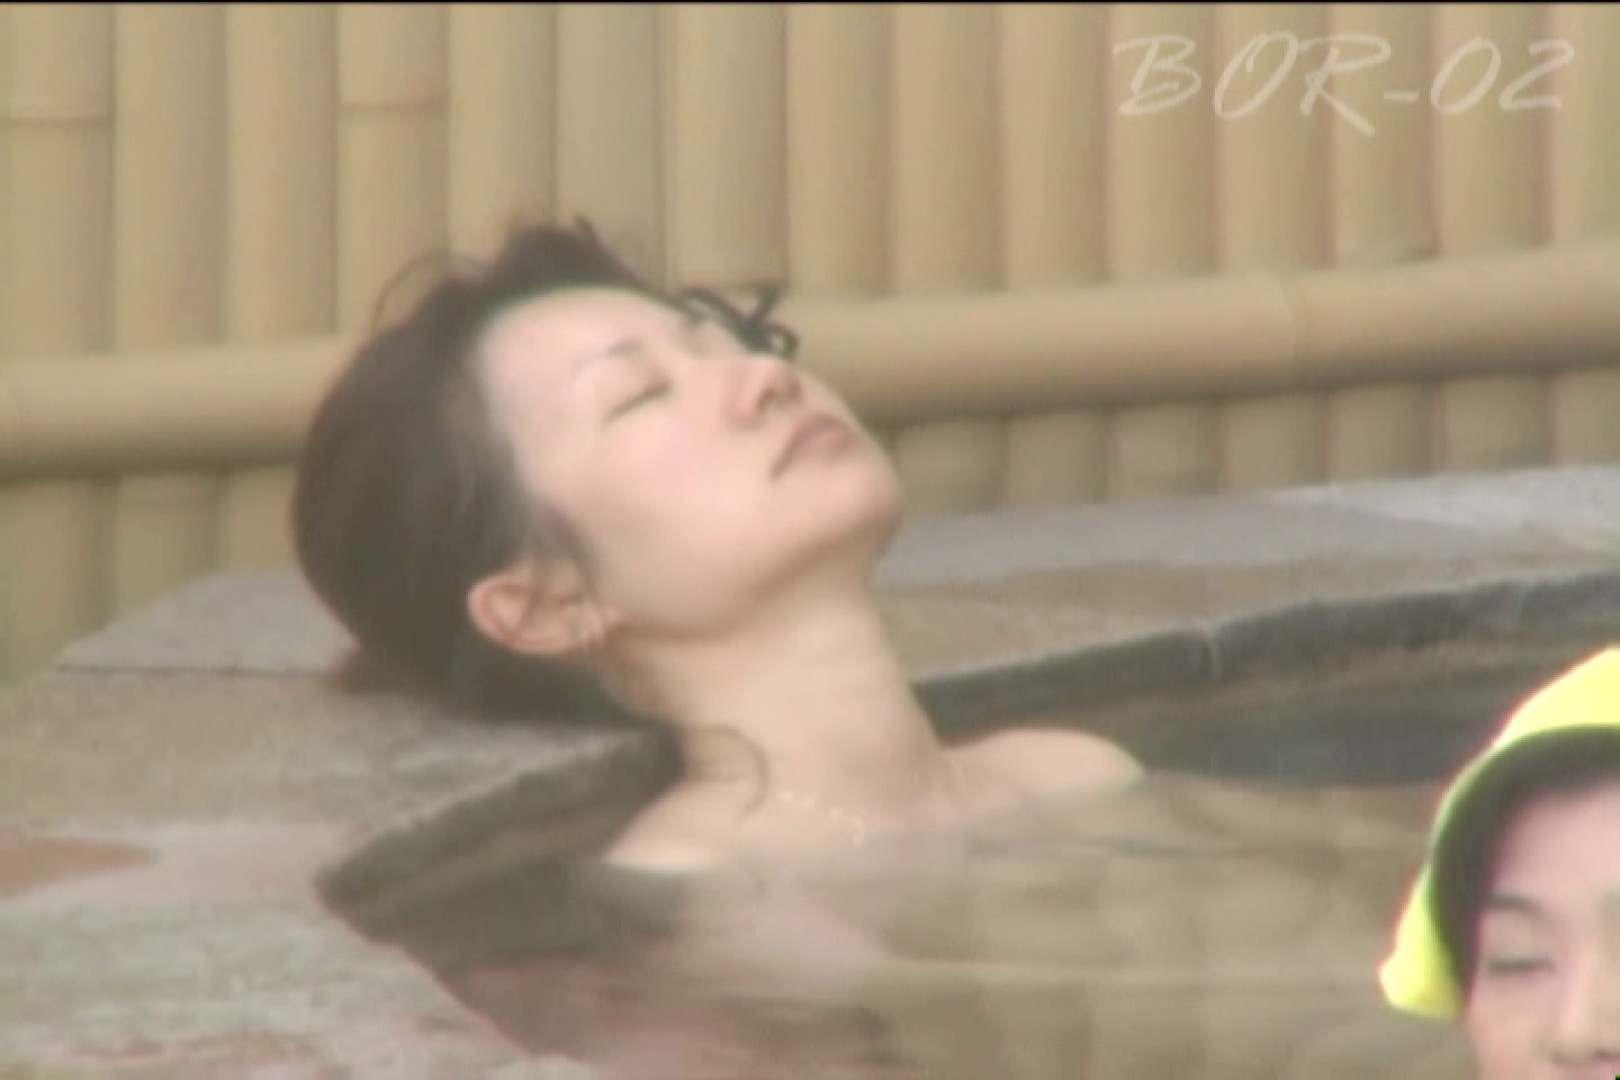 Aquaな露天風呂Vol.477 露天 | 盗撮  86画像 34